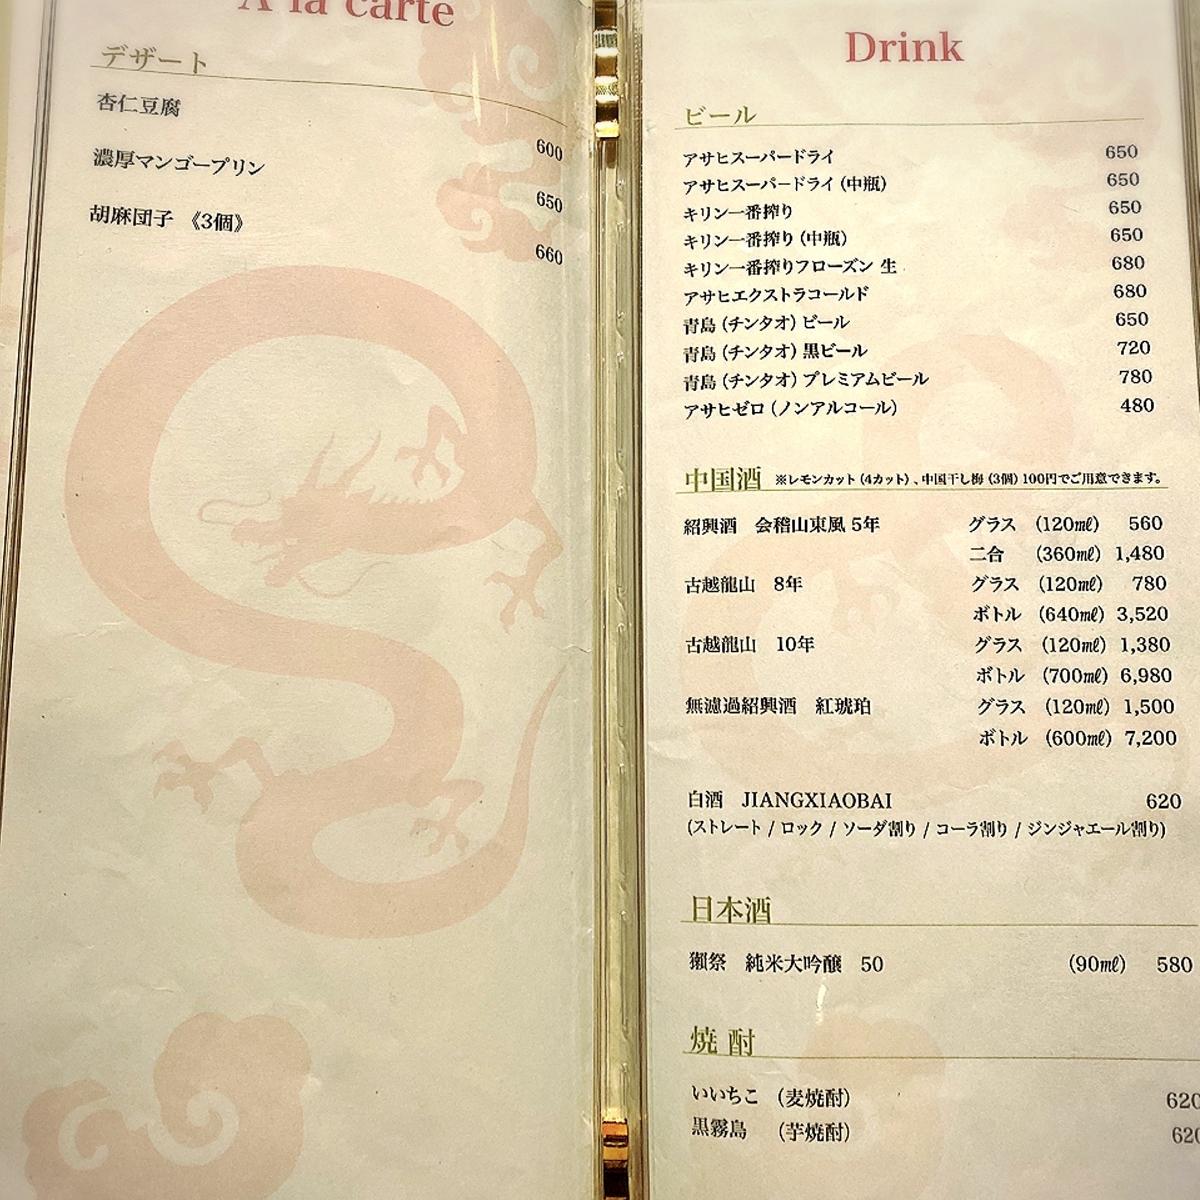 「天空飲茶酒家」のメニューと値段4